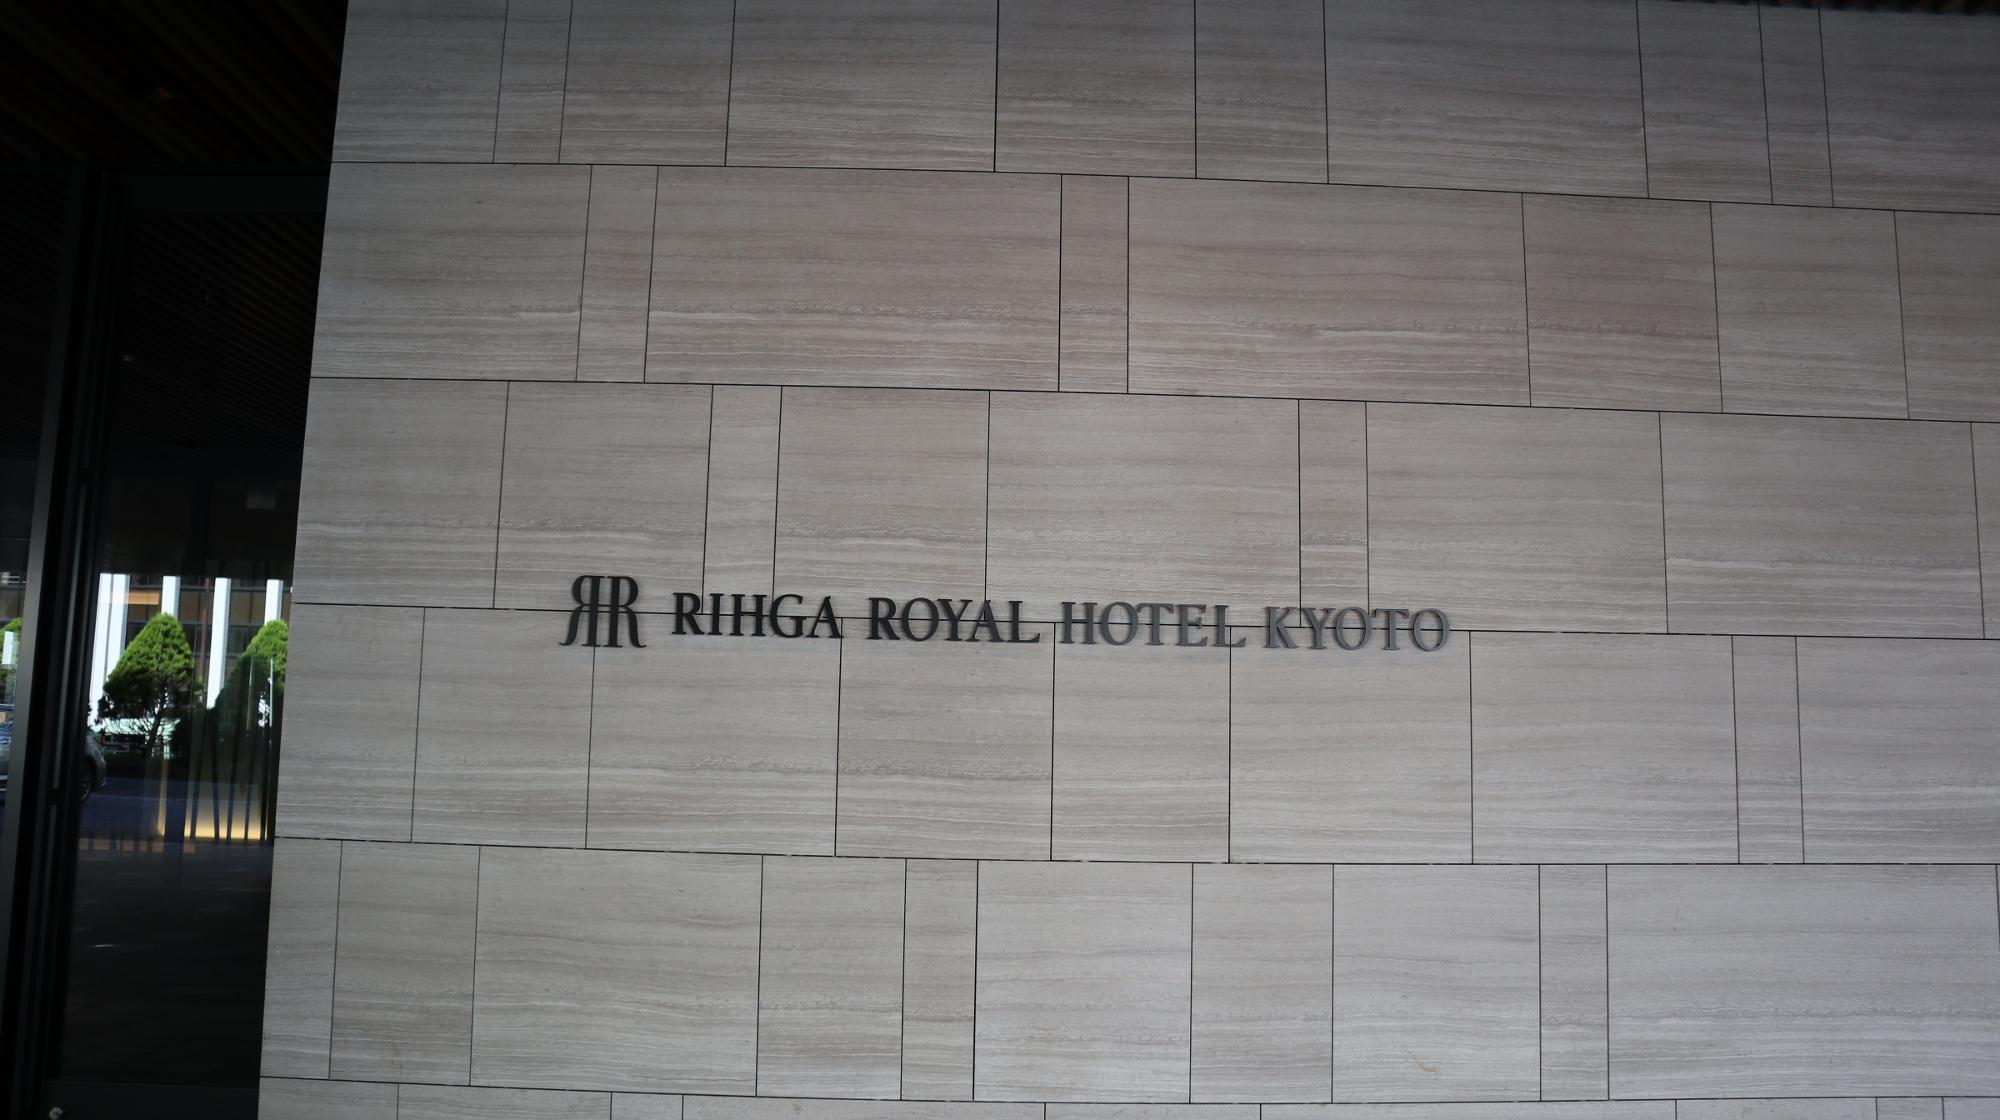 京都駅に近く、観光の拠点としても人気のホテル